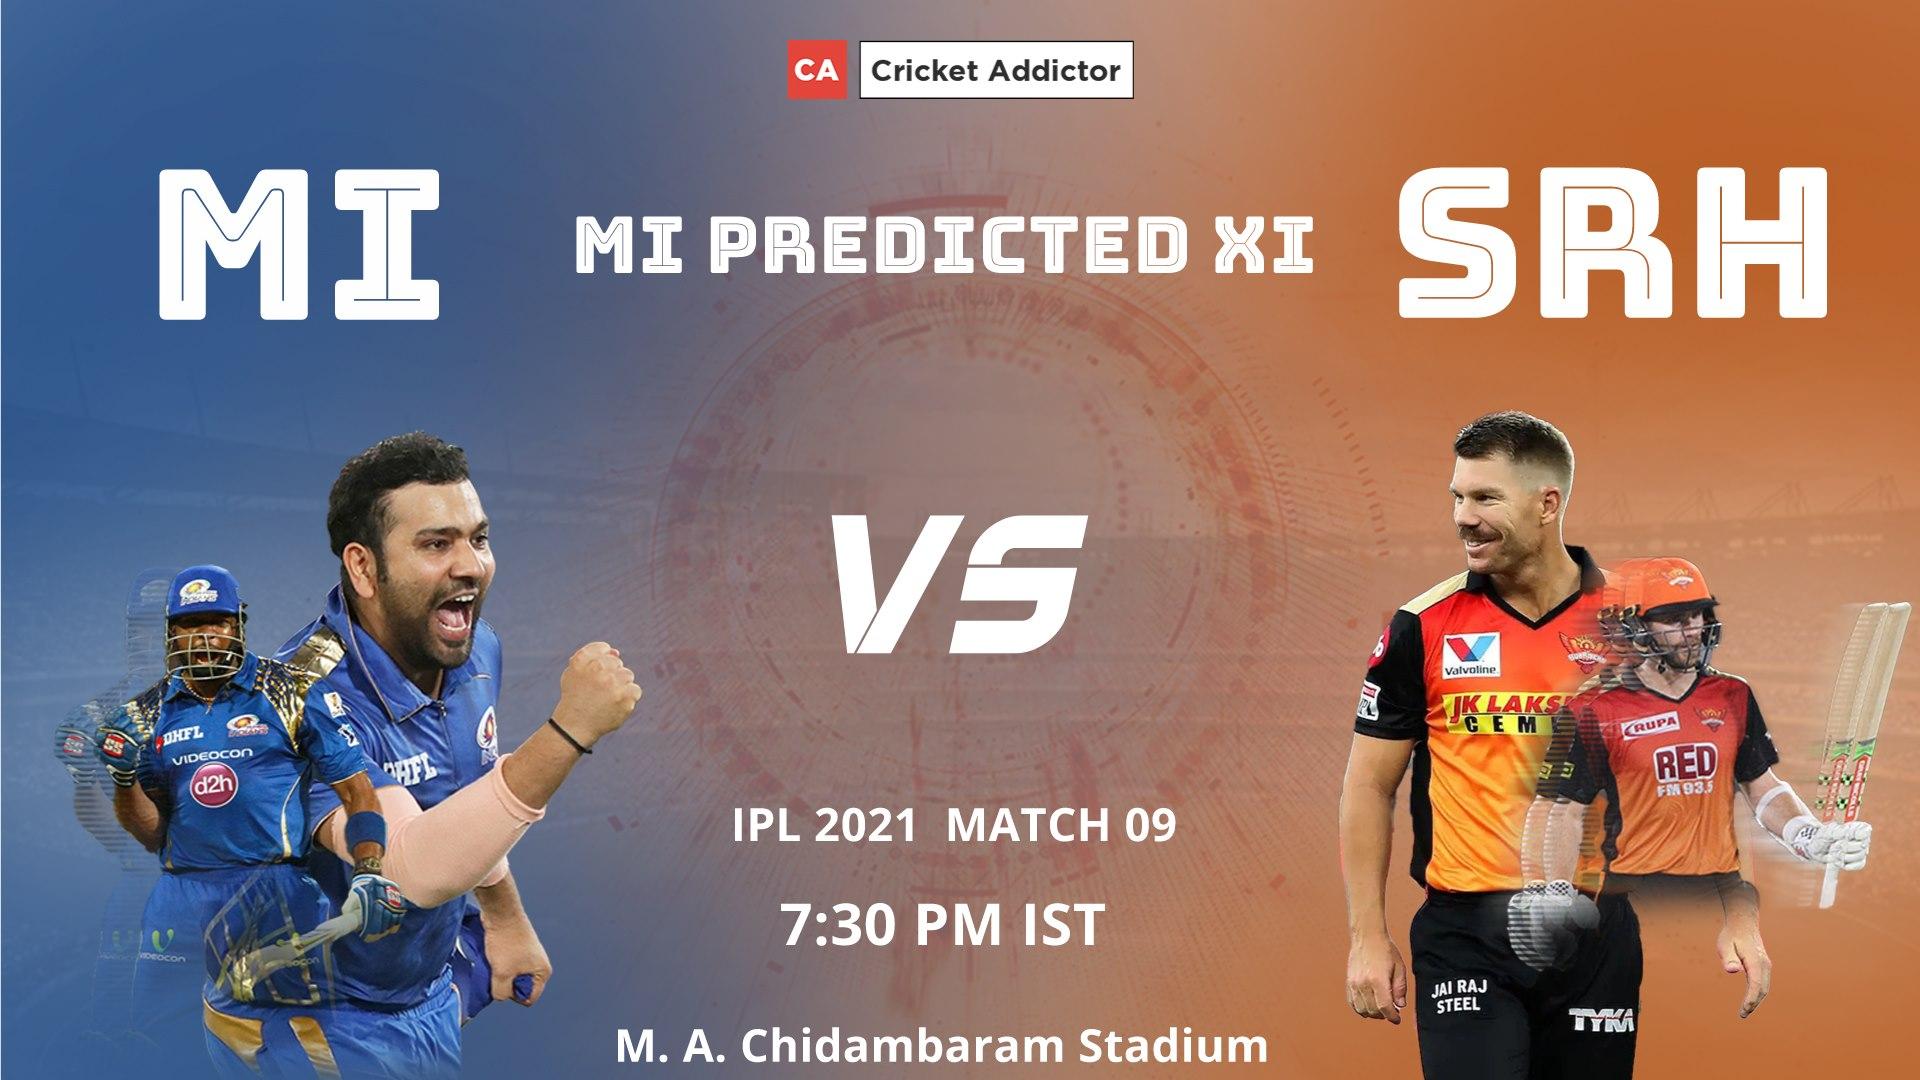 Mumbai Indians, IPL 2021, MI, predicted playing XI, playing XI, MI vs SRH